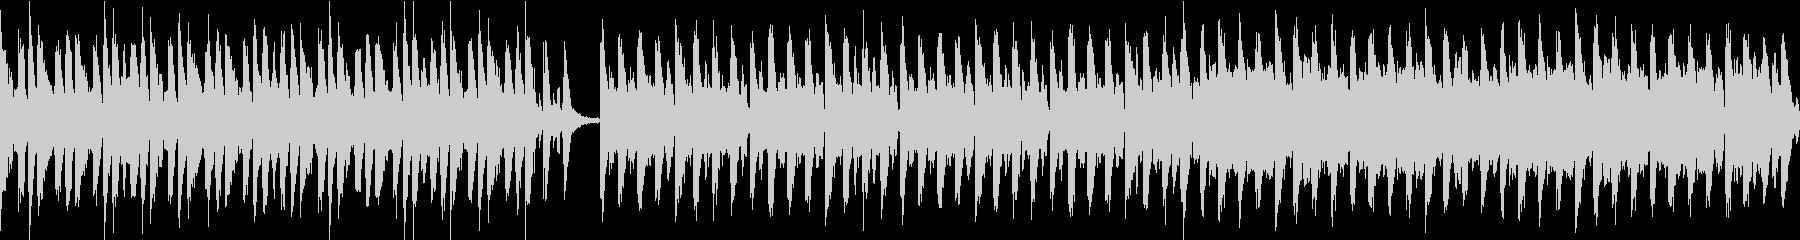 コミカルオーケストラ/カラオケループ仕様の未再生の波形